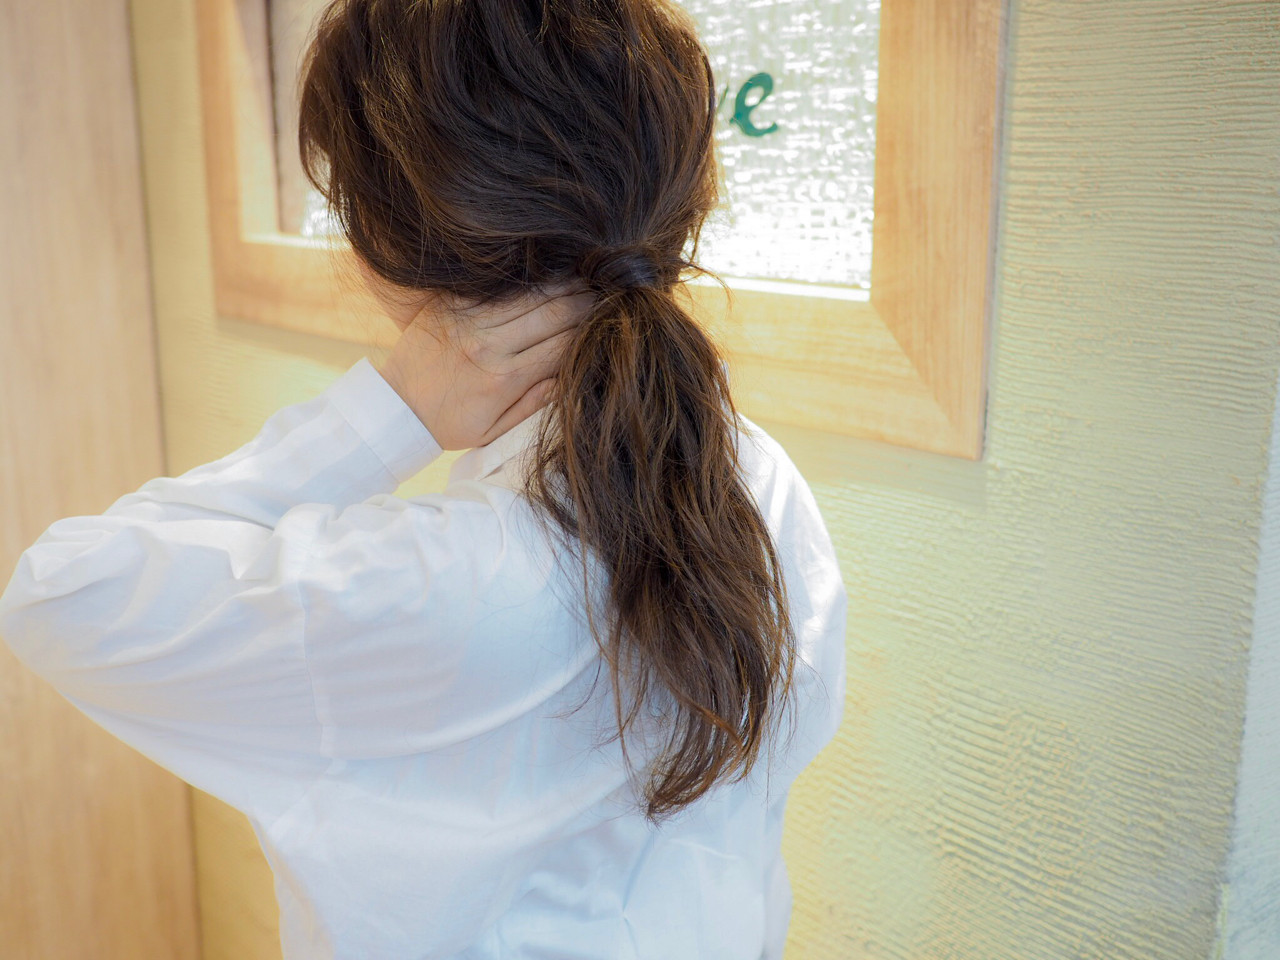 ナチュラル ウェーブ ポニーテール ヘアアレンジ ヘアスタイルや髪型の写真・画像